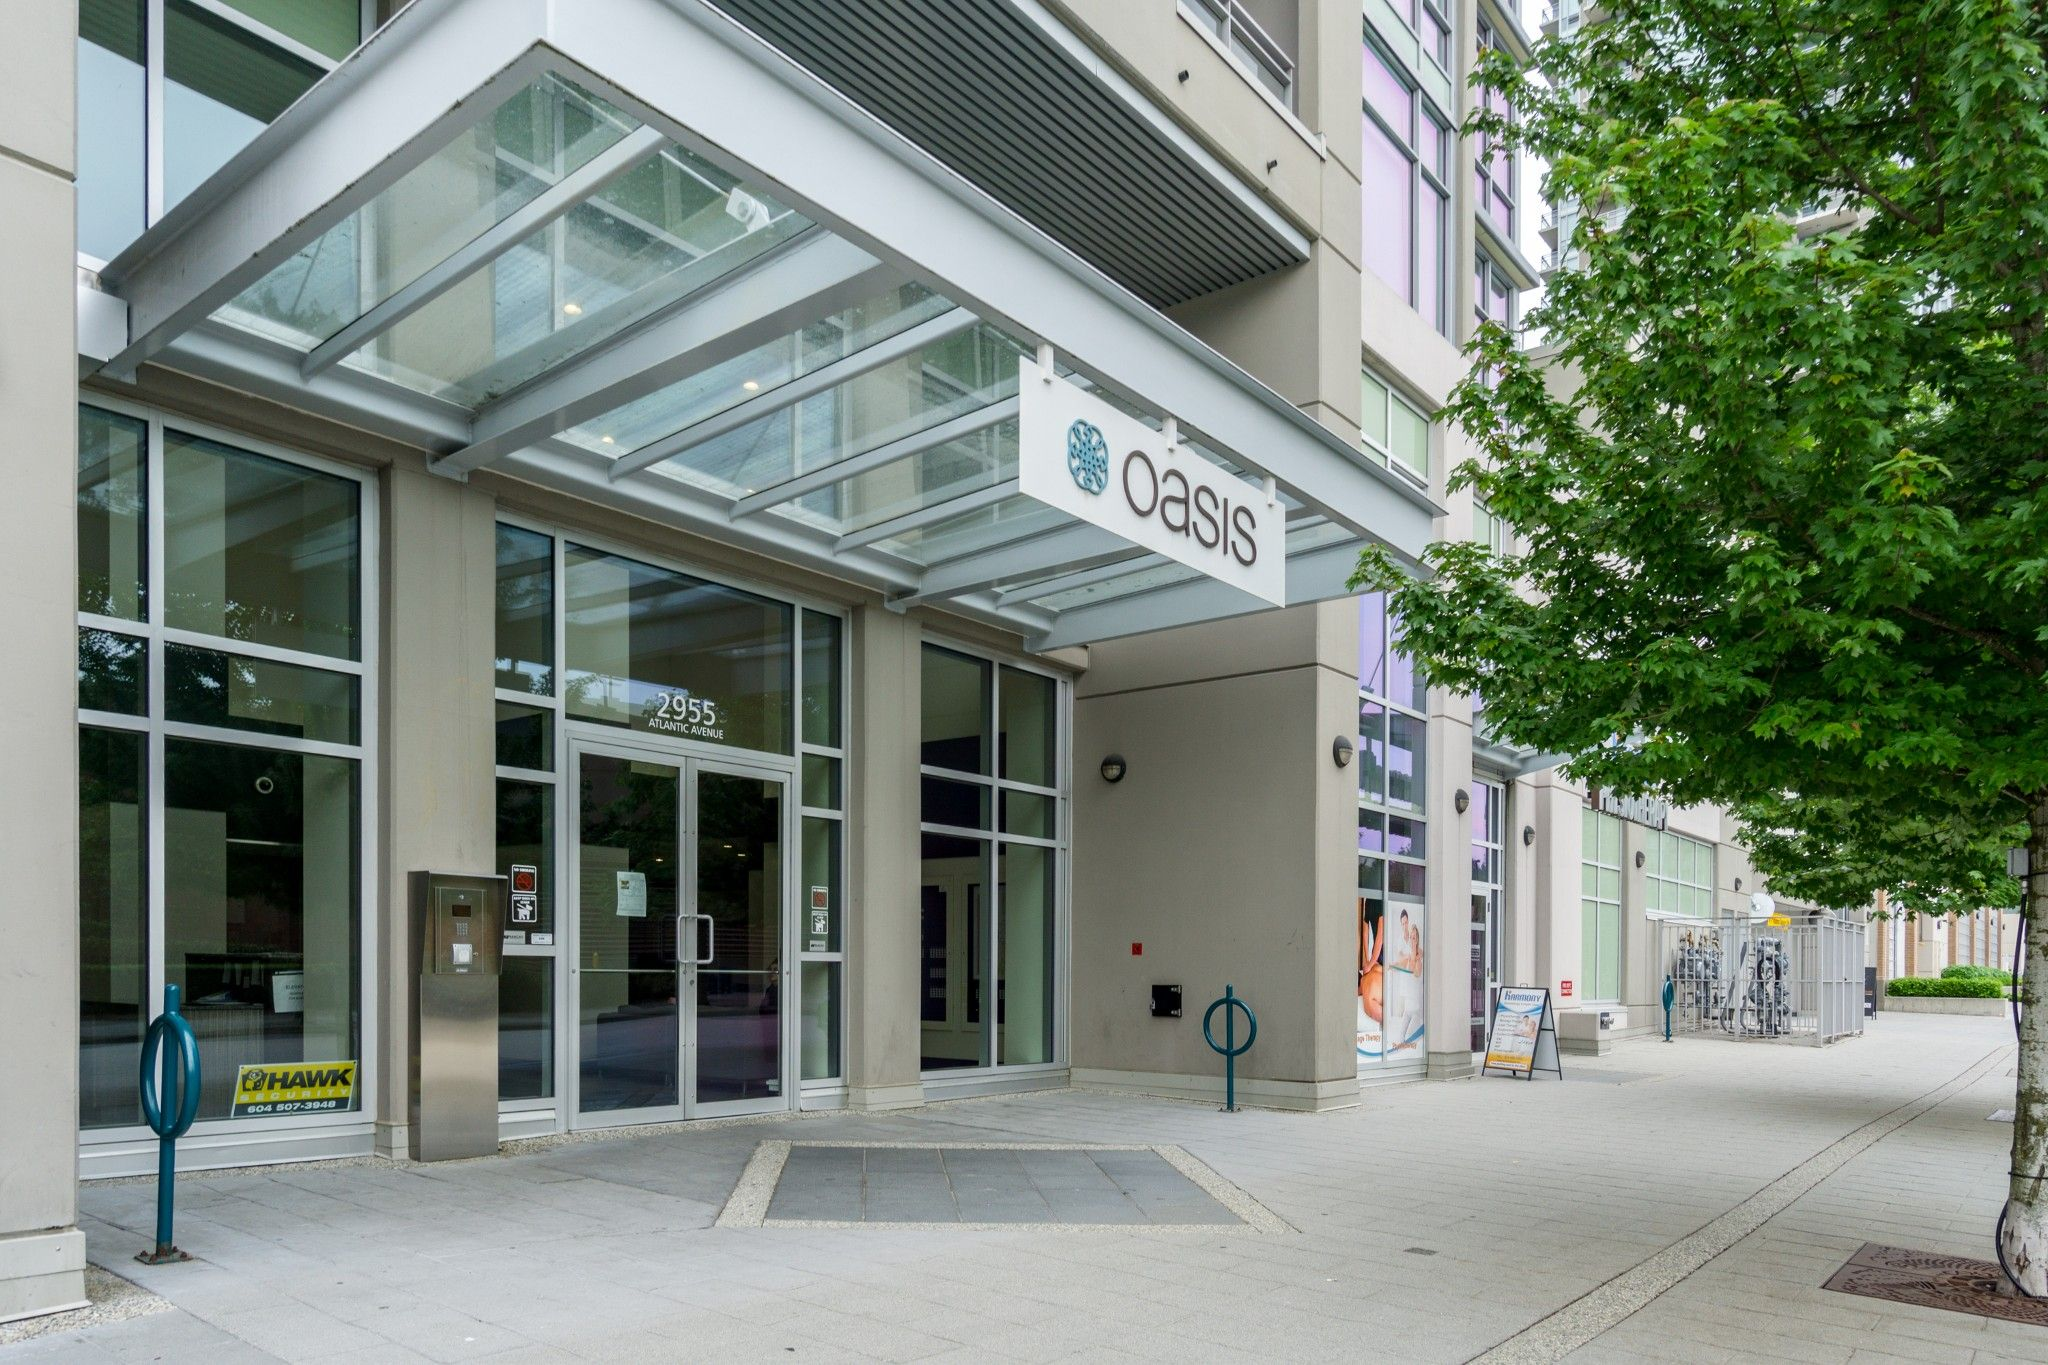 """Photo 30: Photos: 2906 2955 ATLANTIC Avenue in Coquitlam: North Coquitlam Condo for sale in """"OASIS"""" : MLS®# R2274297"""